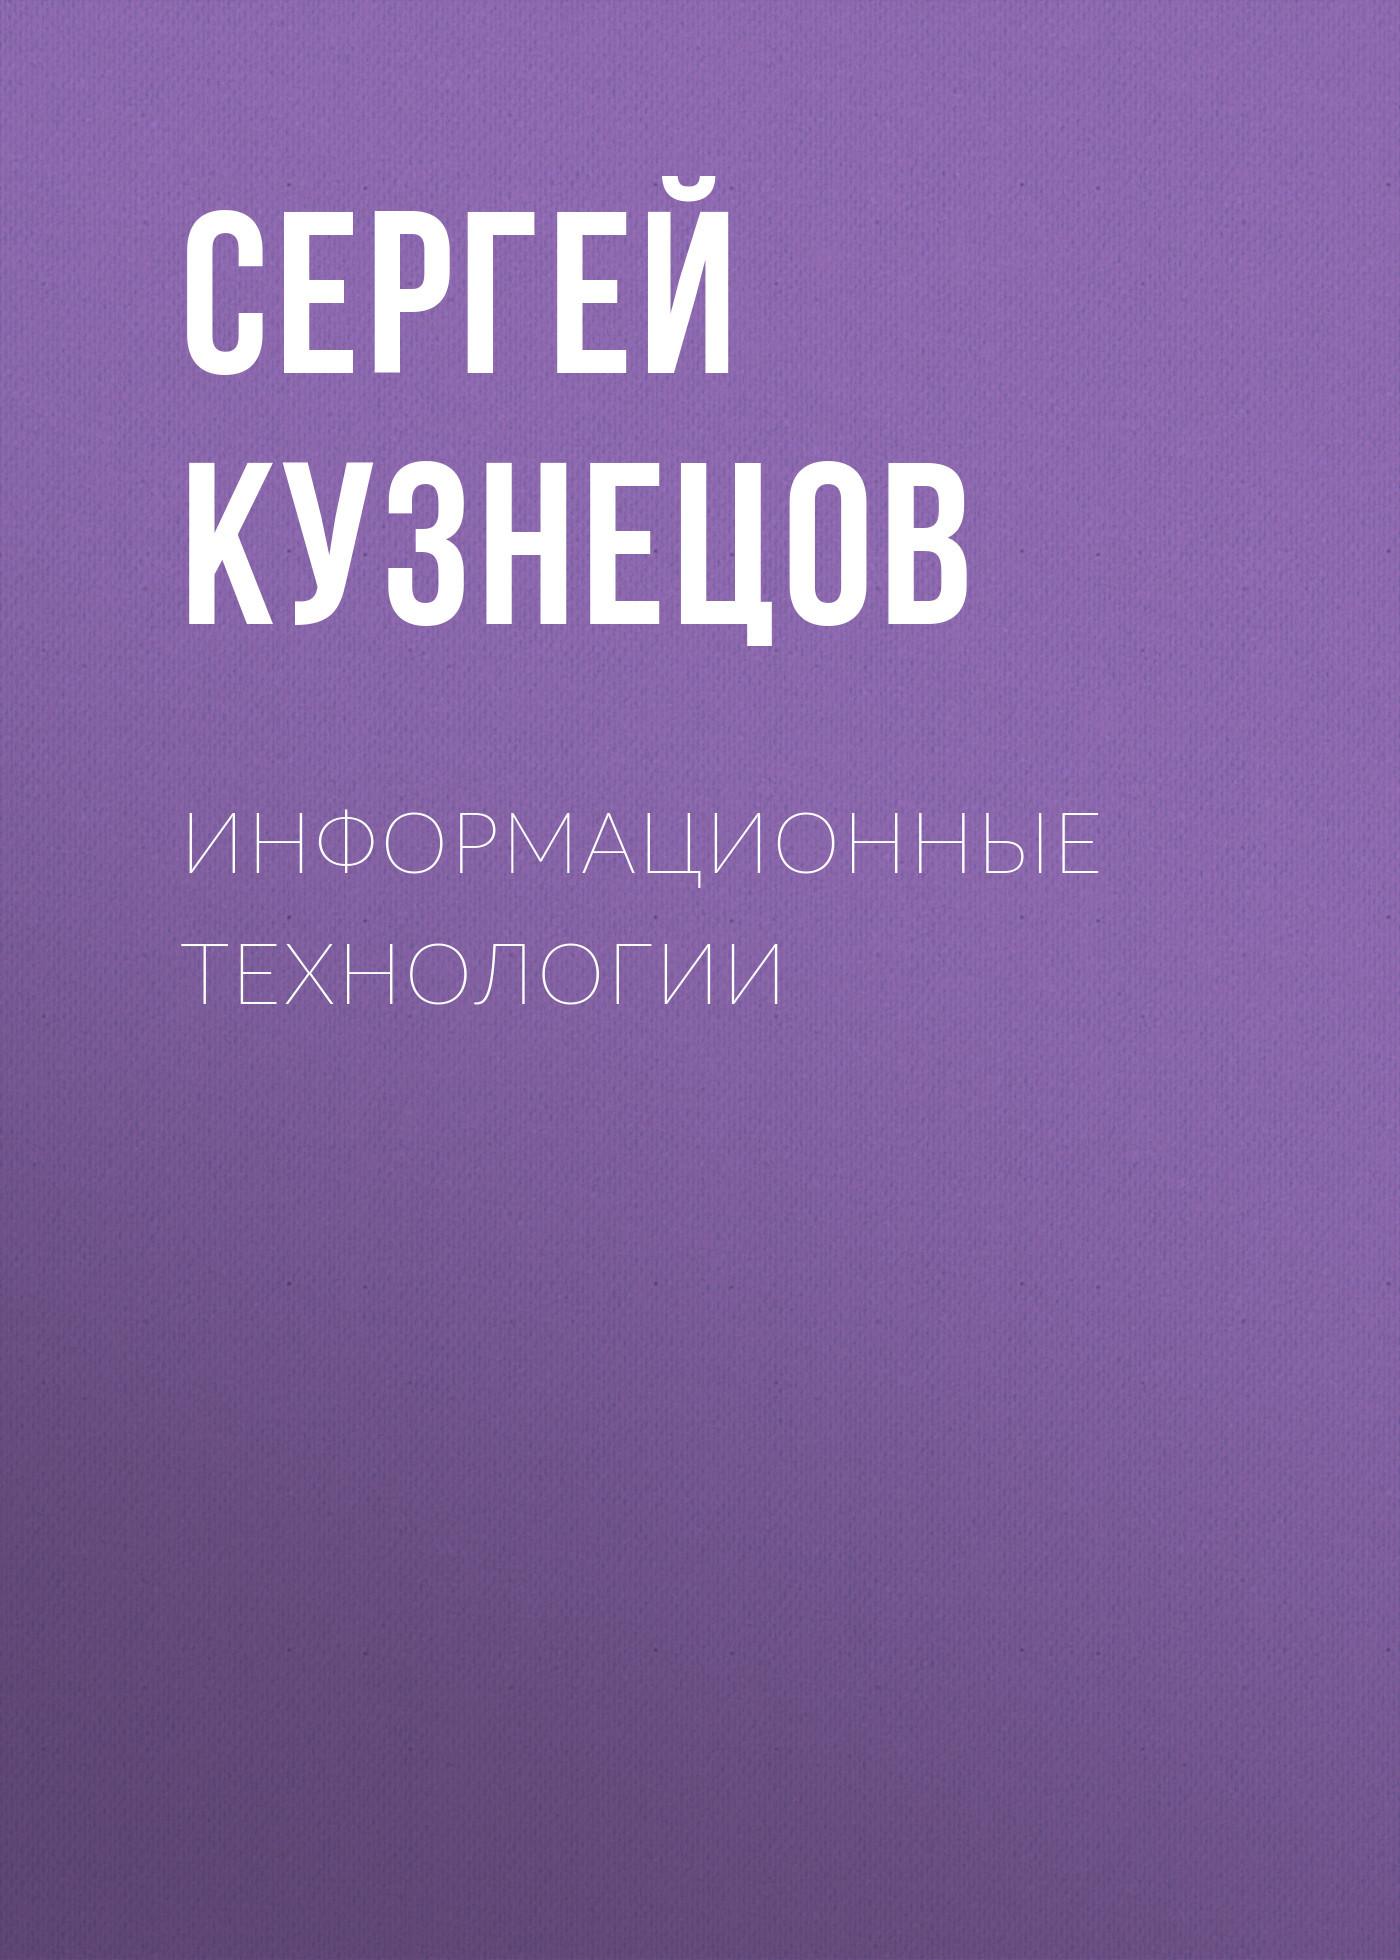 Сергей Кузнецов Информационные технологии альберт кузнецов элементарная электротехника